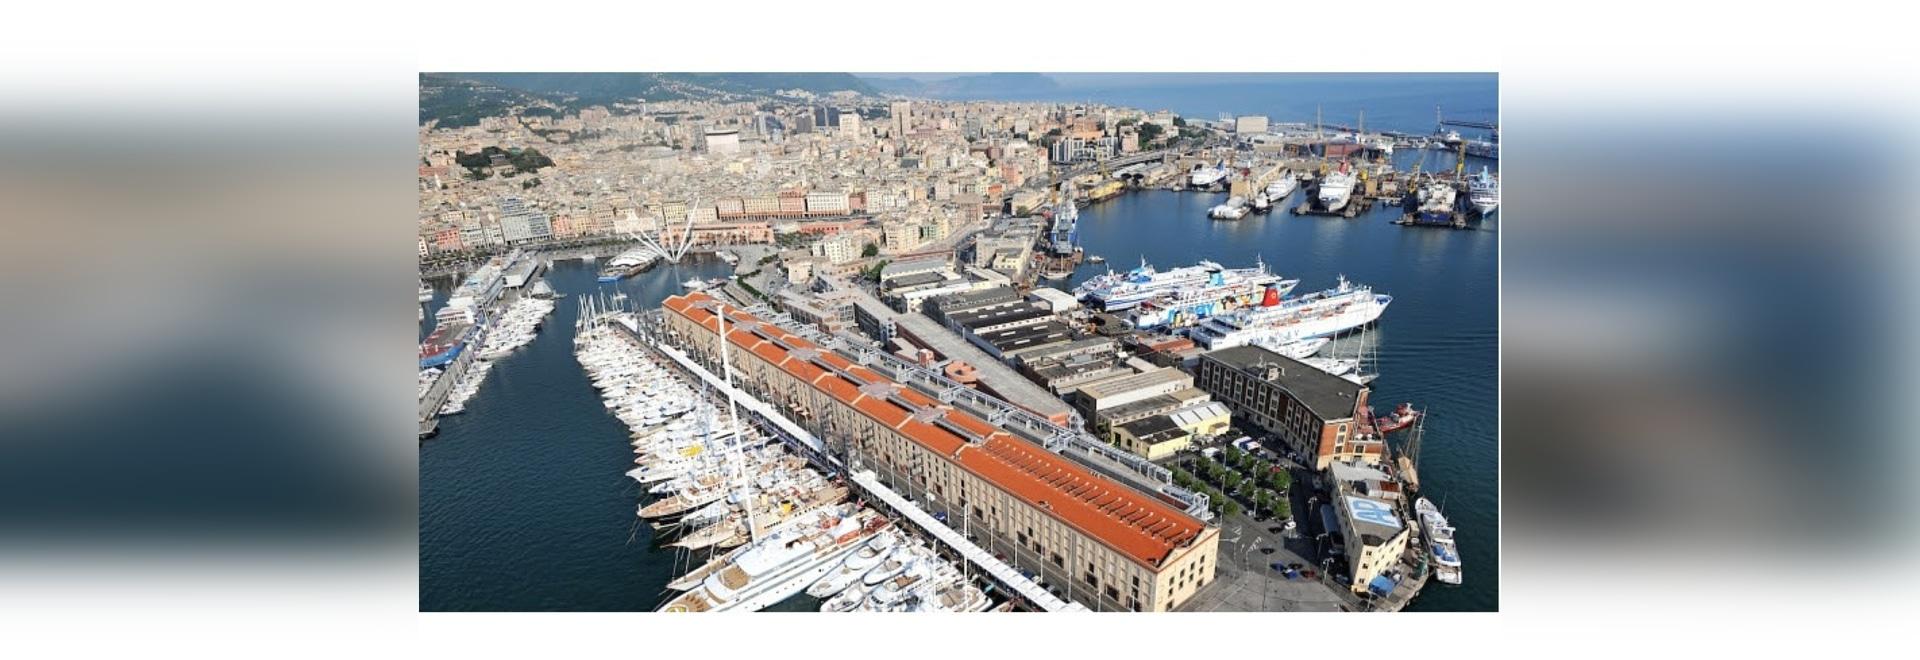 Conférenciers et ordre du jour annoncé pour le Sommet de la course océanique #1, à Gênes, en Italie